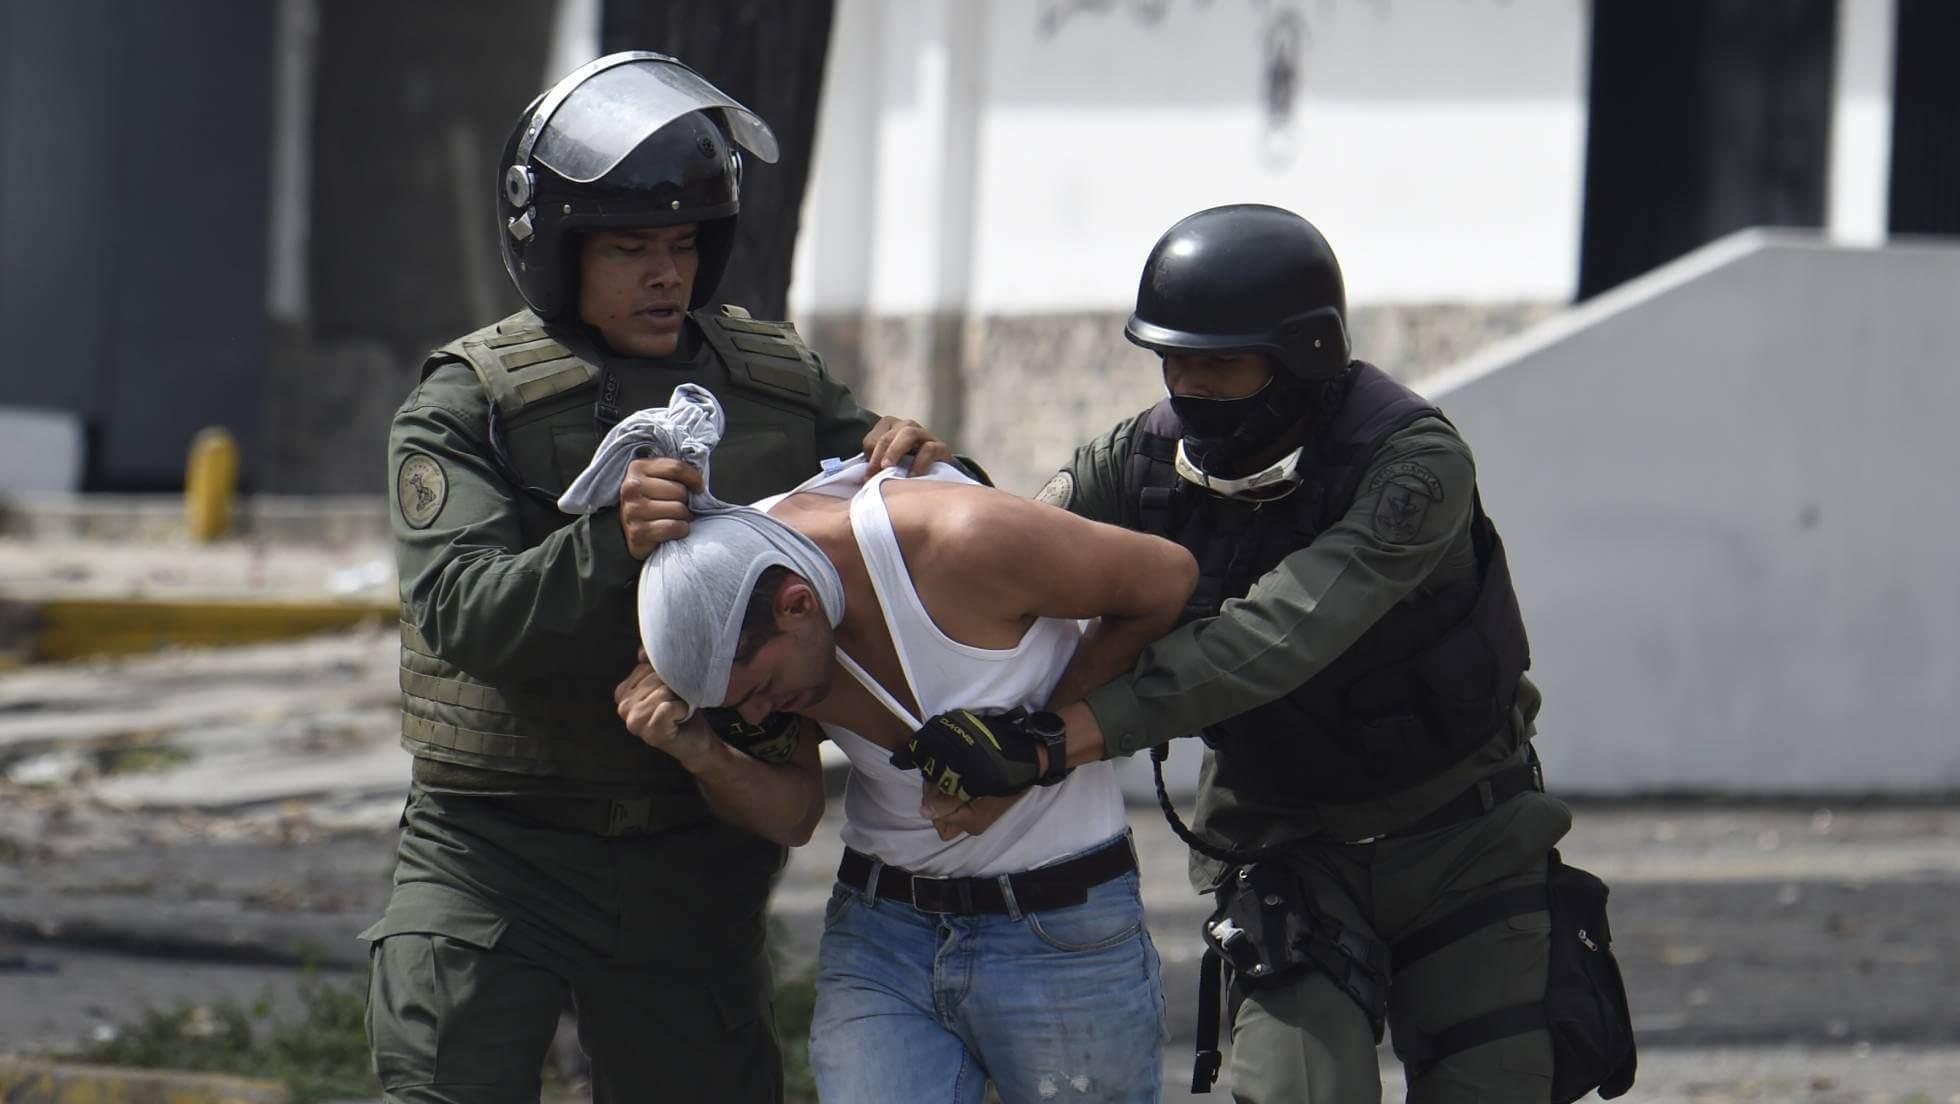 Un activista antigubernamental es detenido en Caracas en julio de 2017. JUAN BARRETO AFP / GETTY